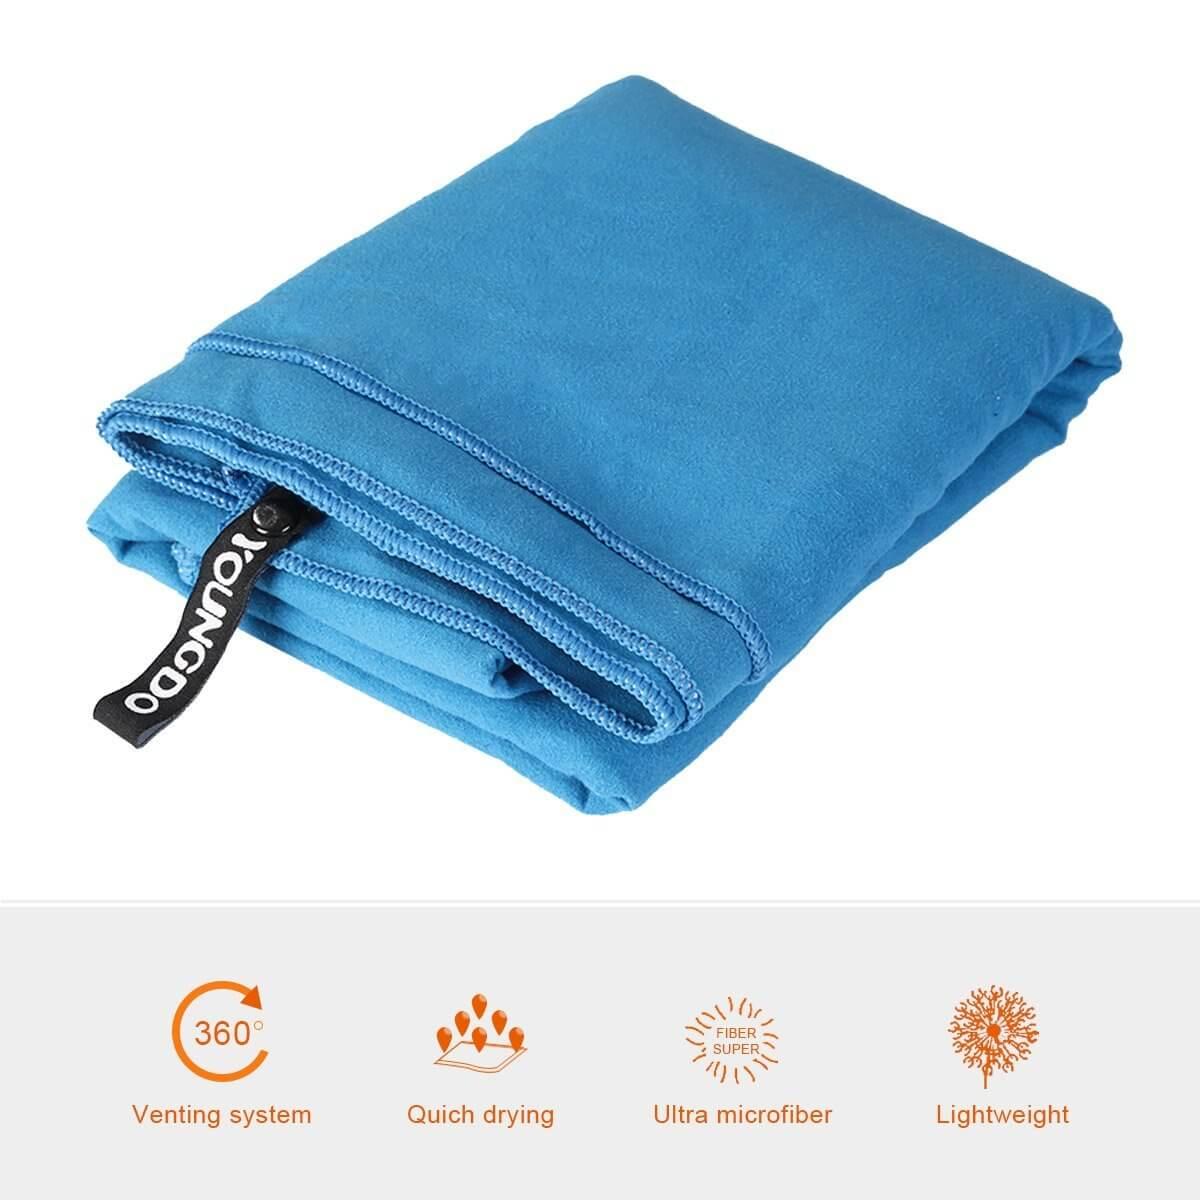 ジムに通ってるならこのタオルが絶対におすすめ!